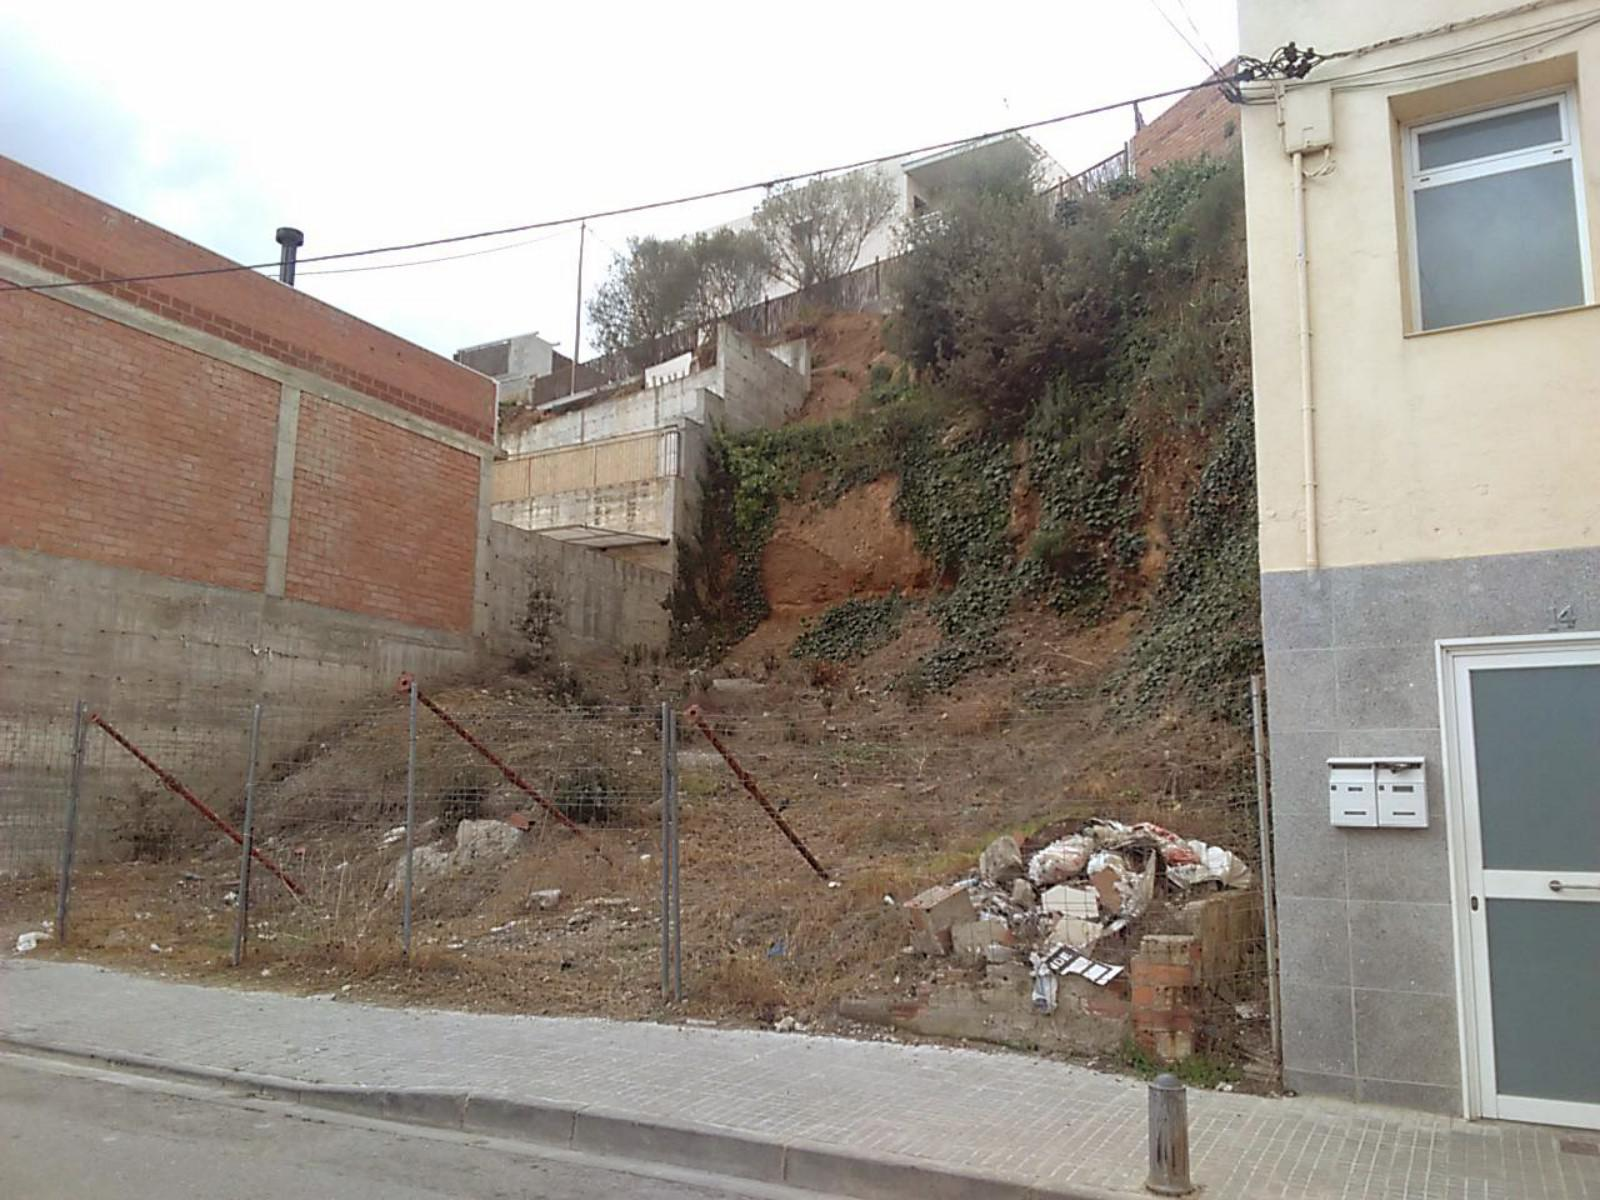 153497 - Crtra San Llorenç junto puente